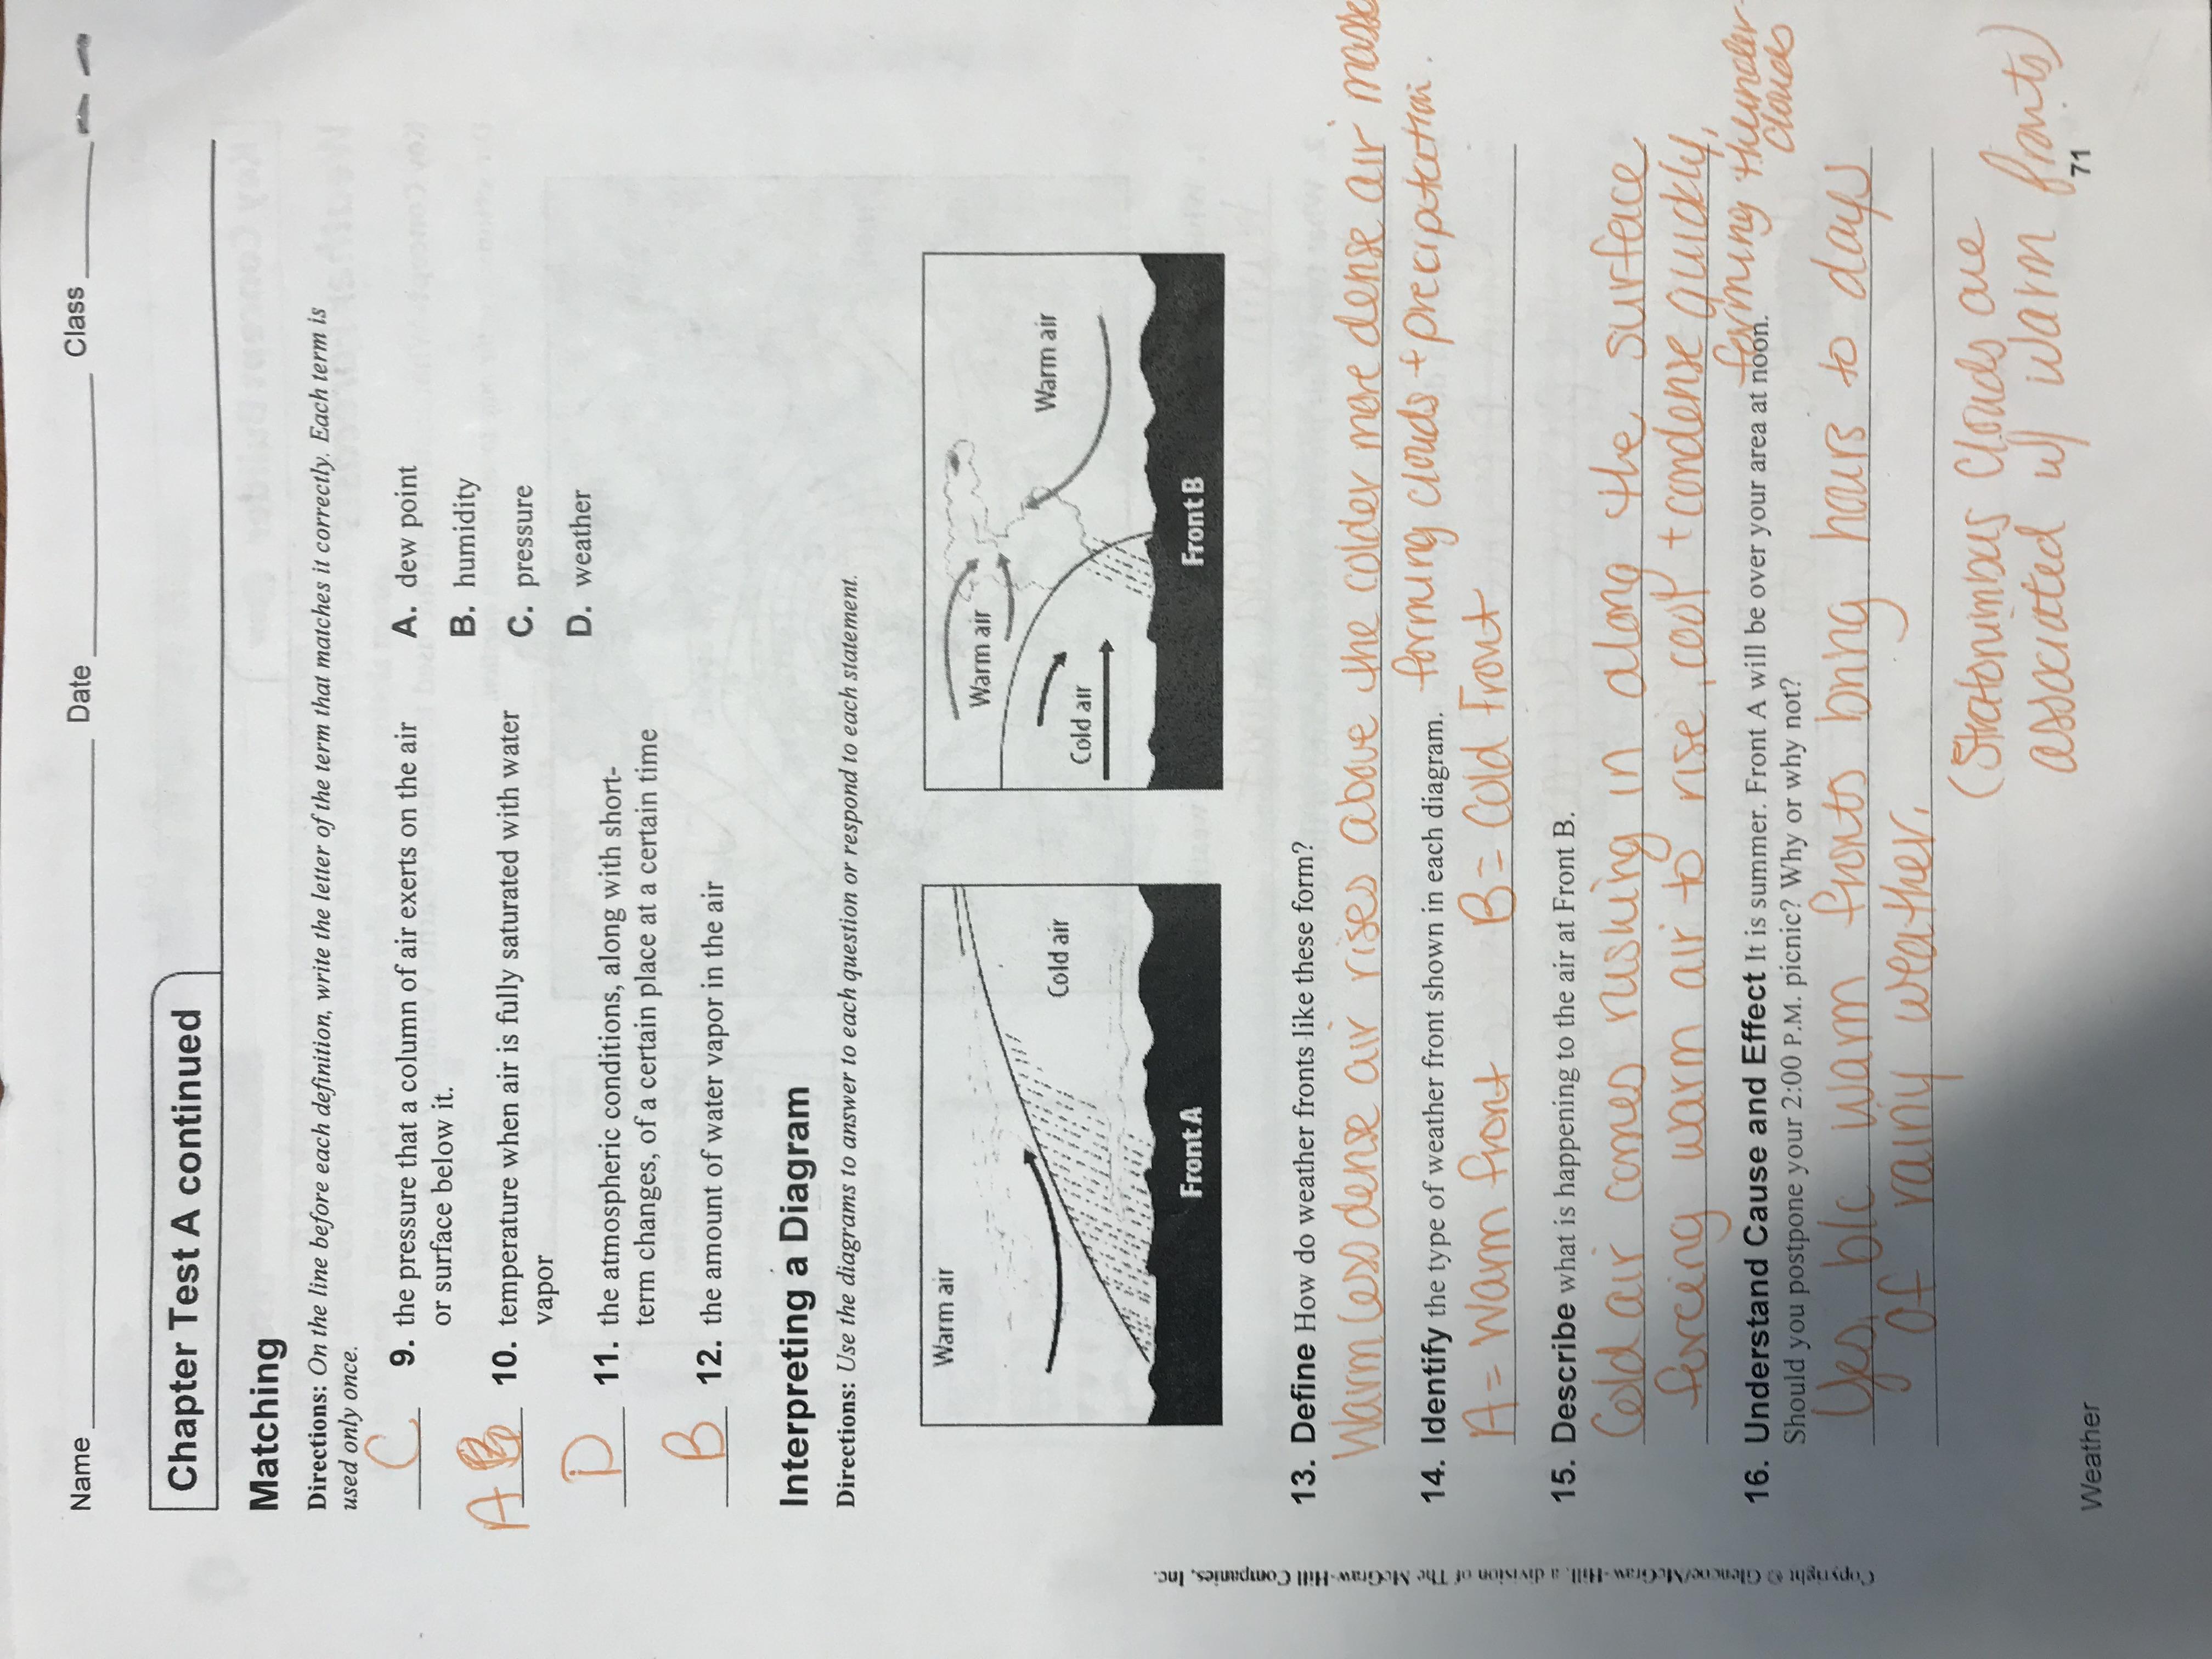 Best Amanda Weather Worksheet Packet Answers